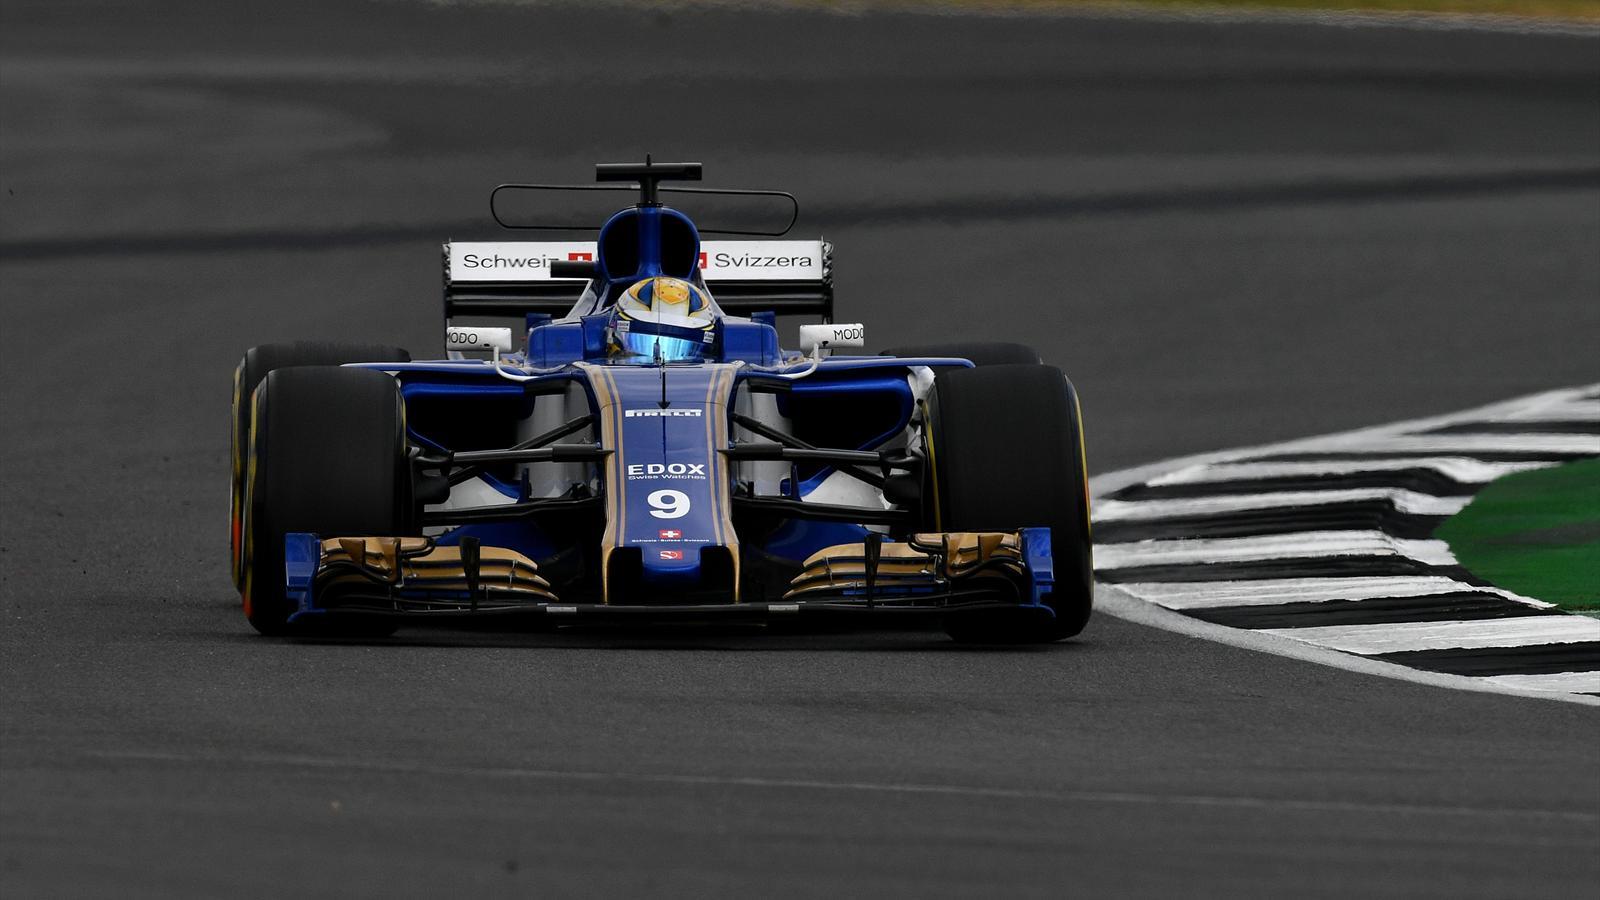 Sauber renonce utiliser un moteur honda la saison prochaine formule 1 eurosport - Formule vitesse de coupe ...